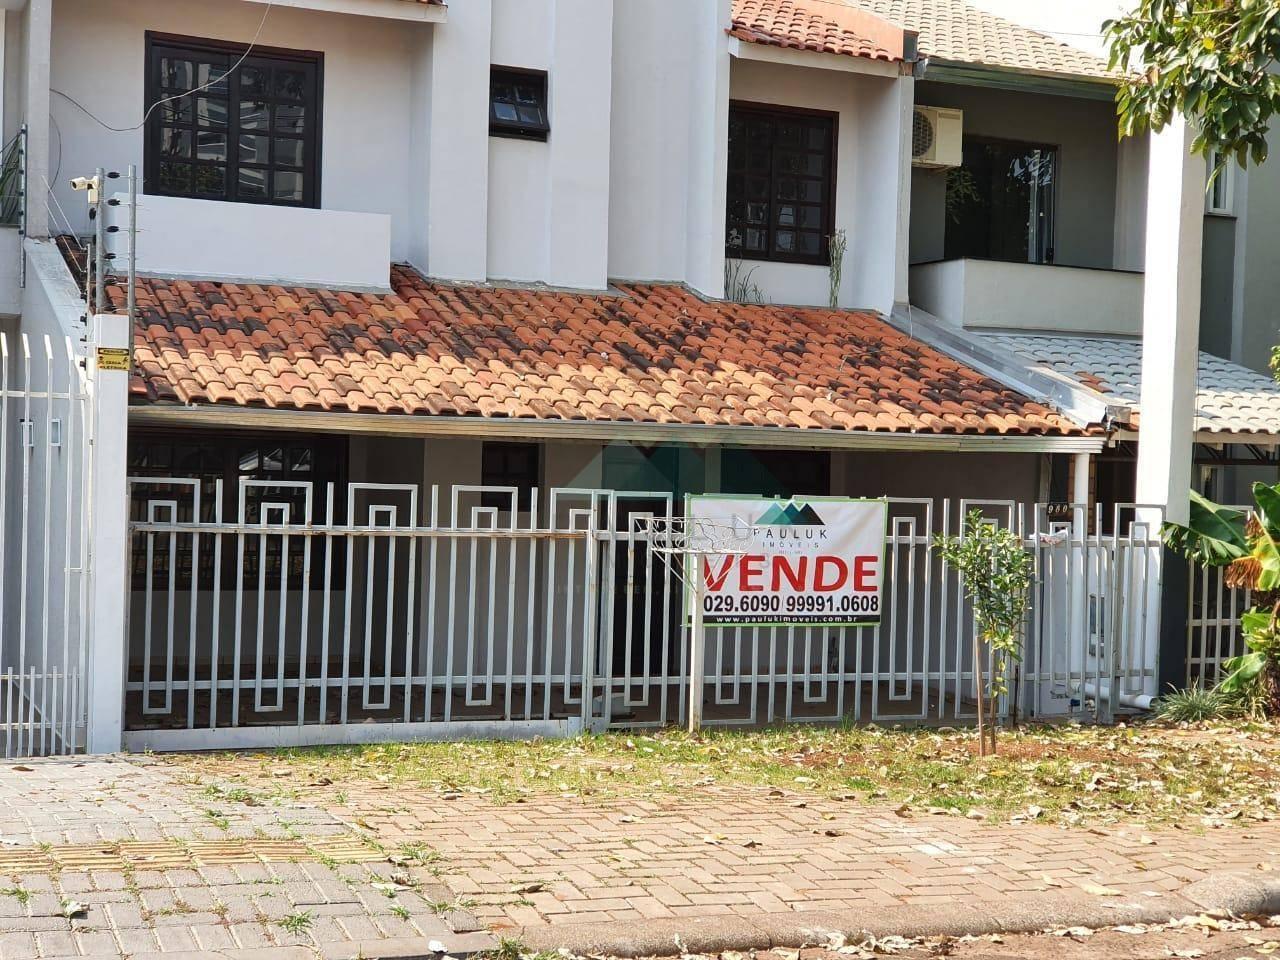 Sobrado com 3 Dormitórios, Sendo 1 Suíte, à Venda, 144 M² Por R$ 400.000 - Vila Maracanã - Foz do Ig | PAULUK IMÓVEIS | Portal OBusca